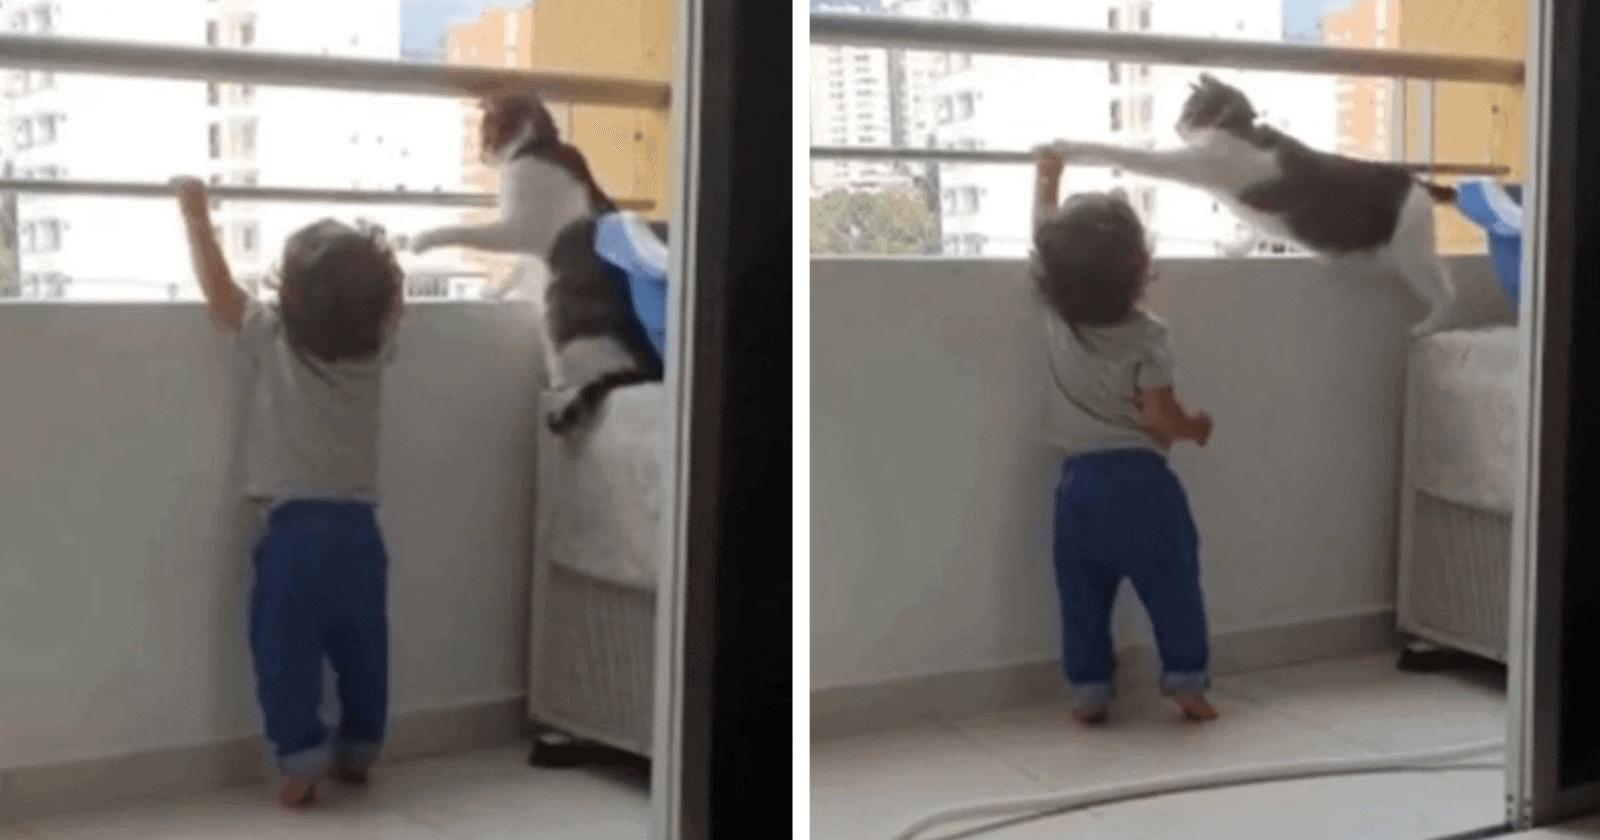 Gato se torna VIRAL ao aparecer protegendo criança que tentava subir em varanda